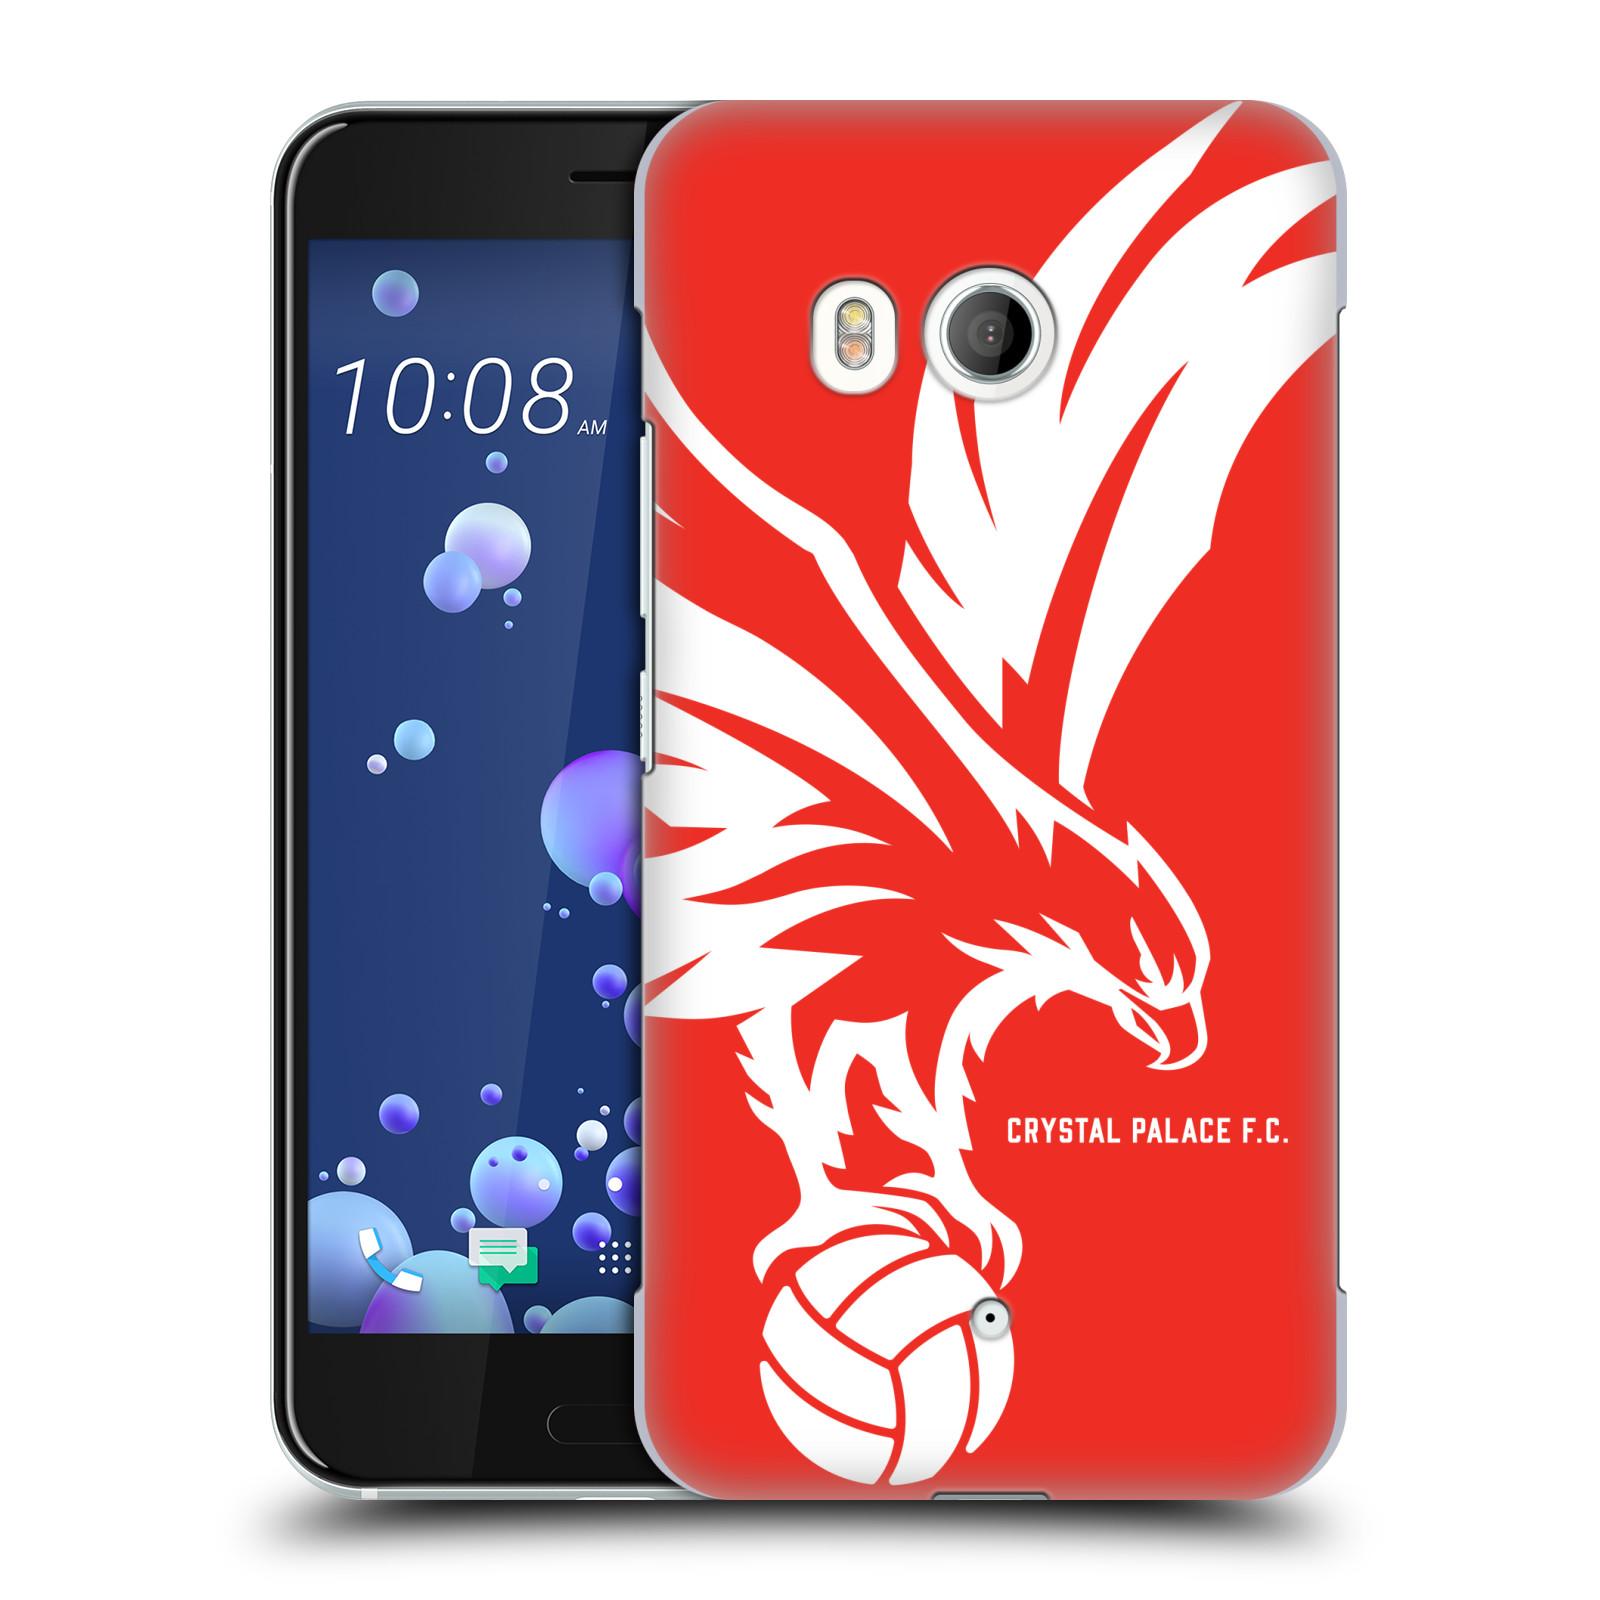 Oficial-Crystal-Palace-FC-2017-18-Crest-y-patrones-de-nuevo-caso-para-HTC-telefonos-1